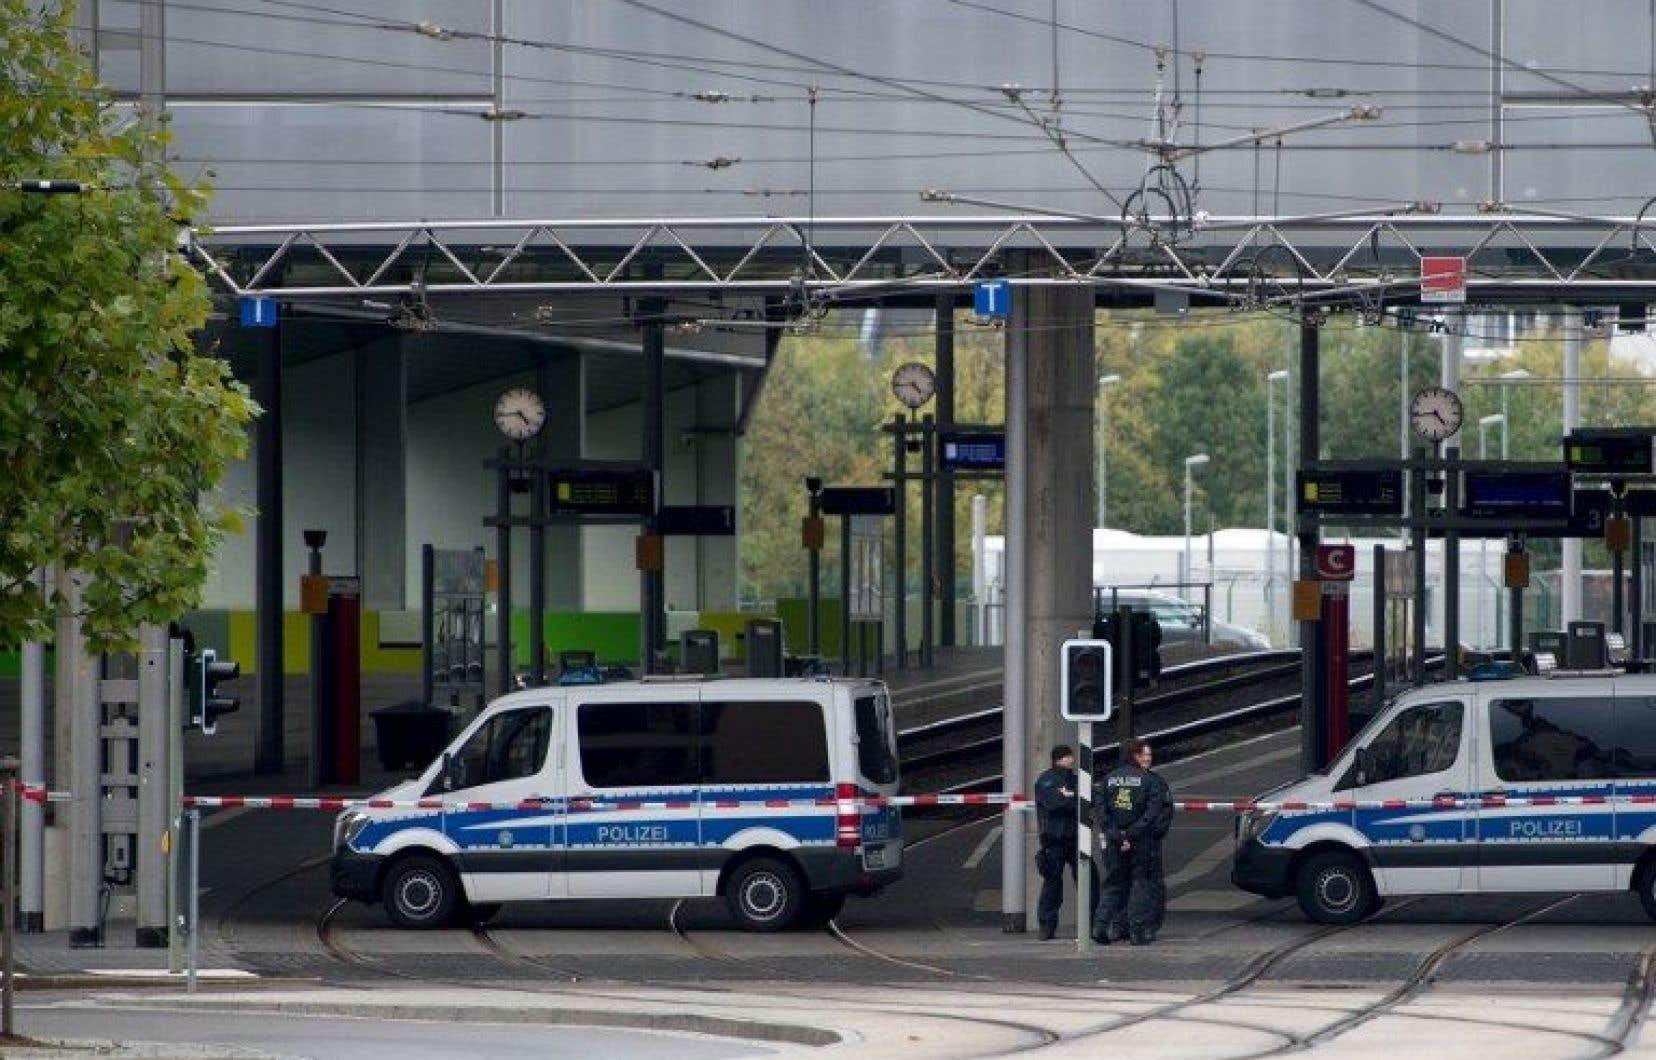 La police a interpellé trois personnes, deux près de la gare et une troisième en centre-ville de Chemnitz.<br />